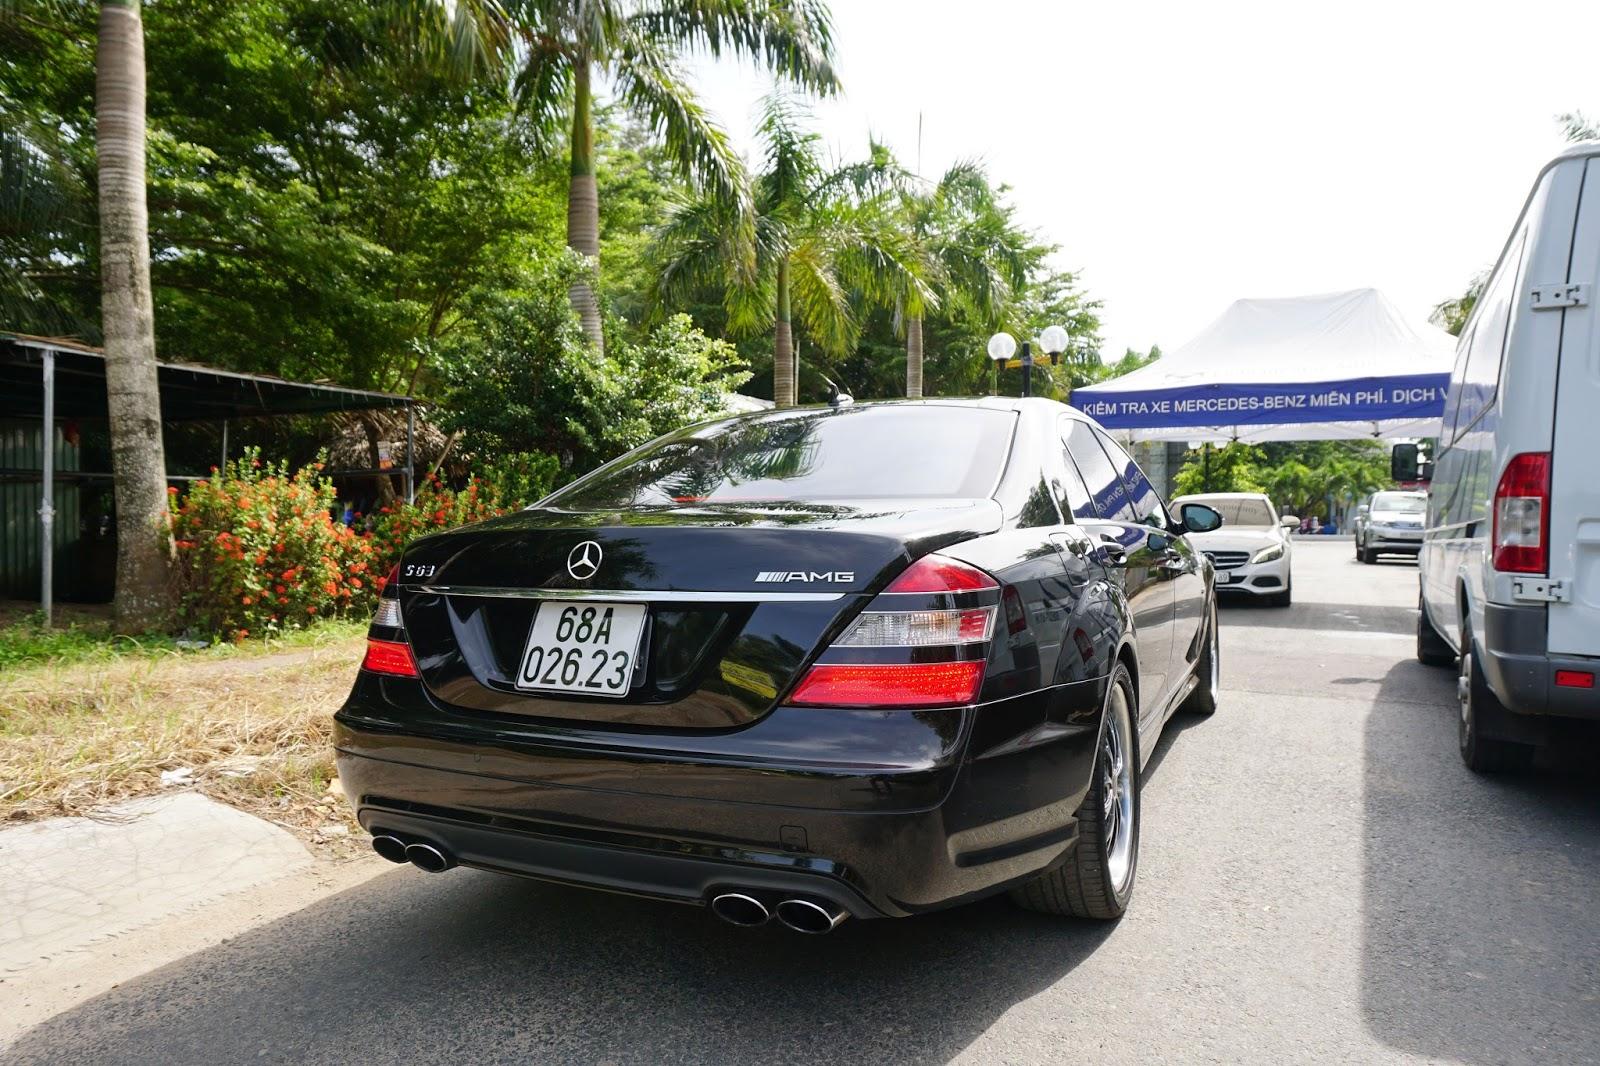 Mercedes AMG S63 đang trải nghiệm dịch vụ của Mercedes Benz Vietnam Star